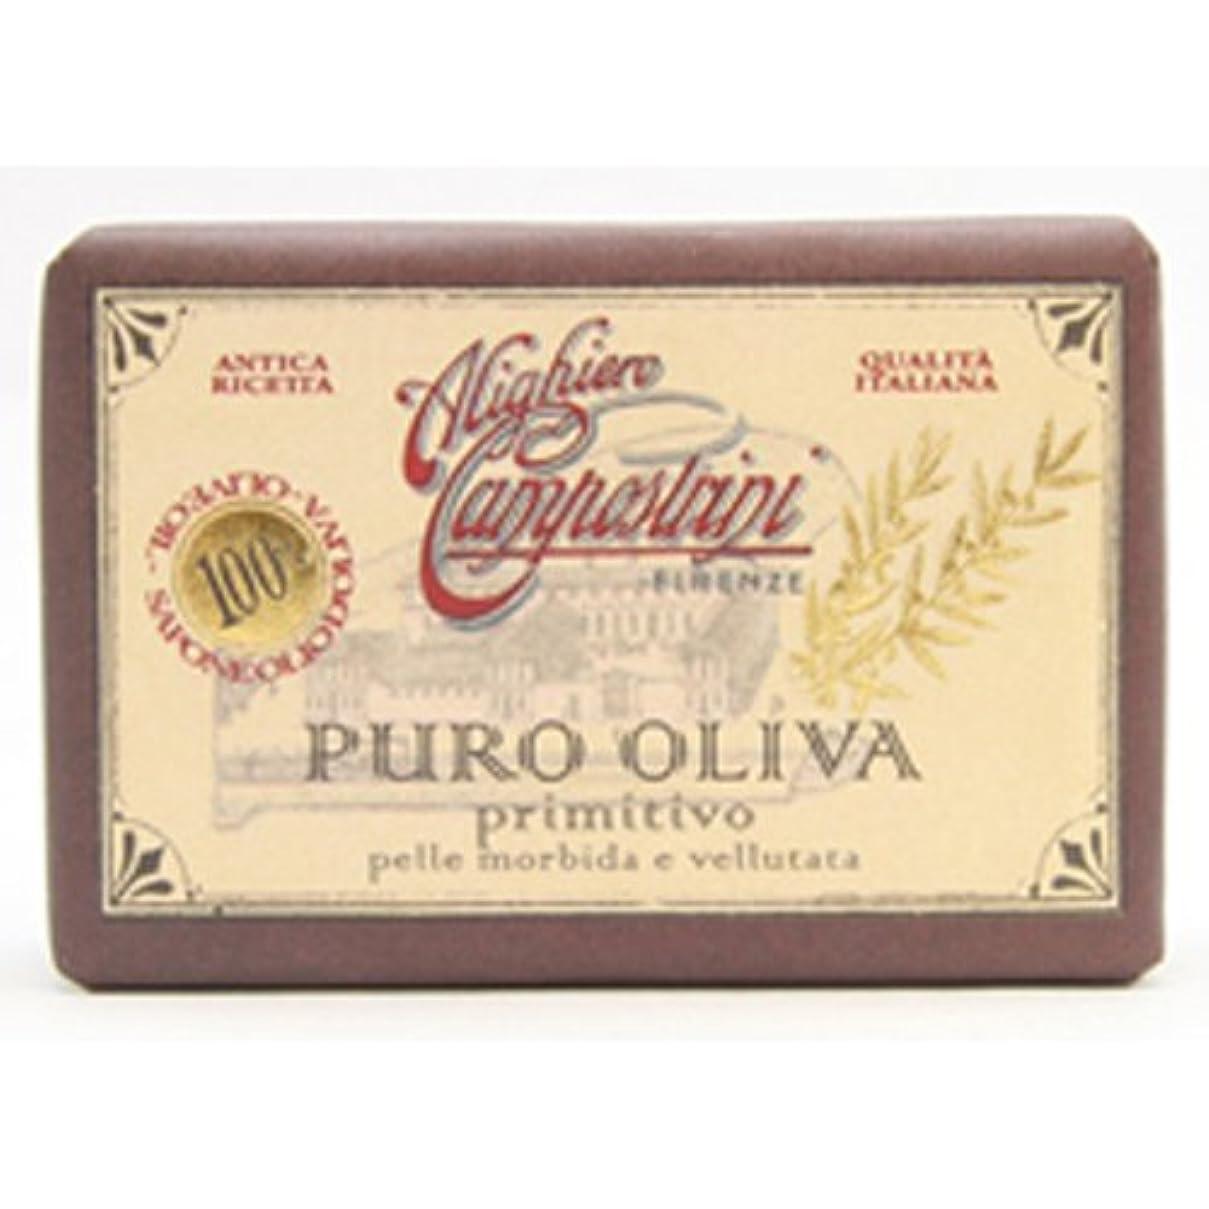 情熱カウントアップ可能性Saponerire Fissi サポネリーフィッシー PURO OLIVA Soap オリーブオイル ピュロ ソープ primitivo オリジナル 150g